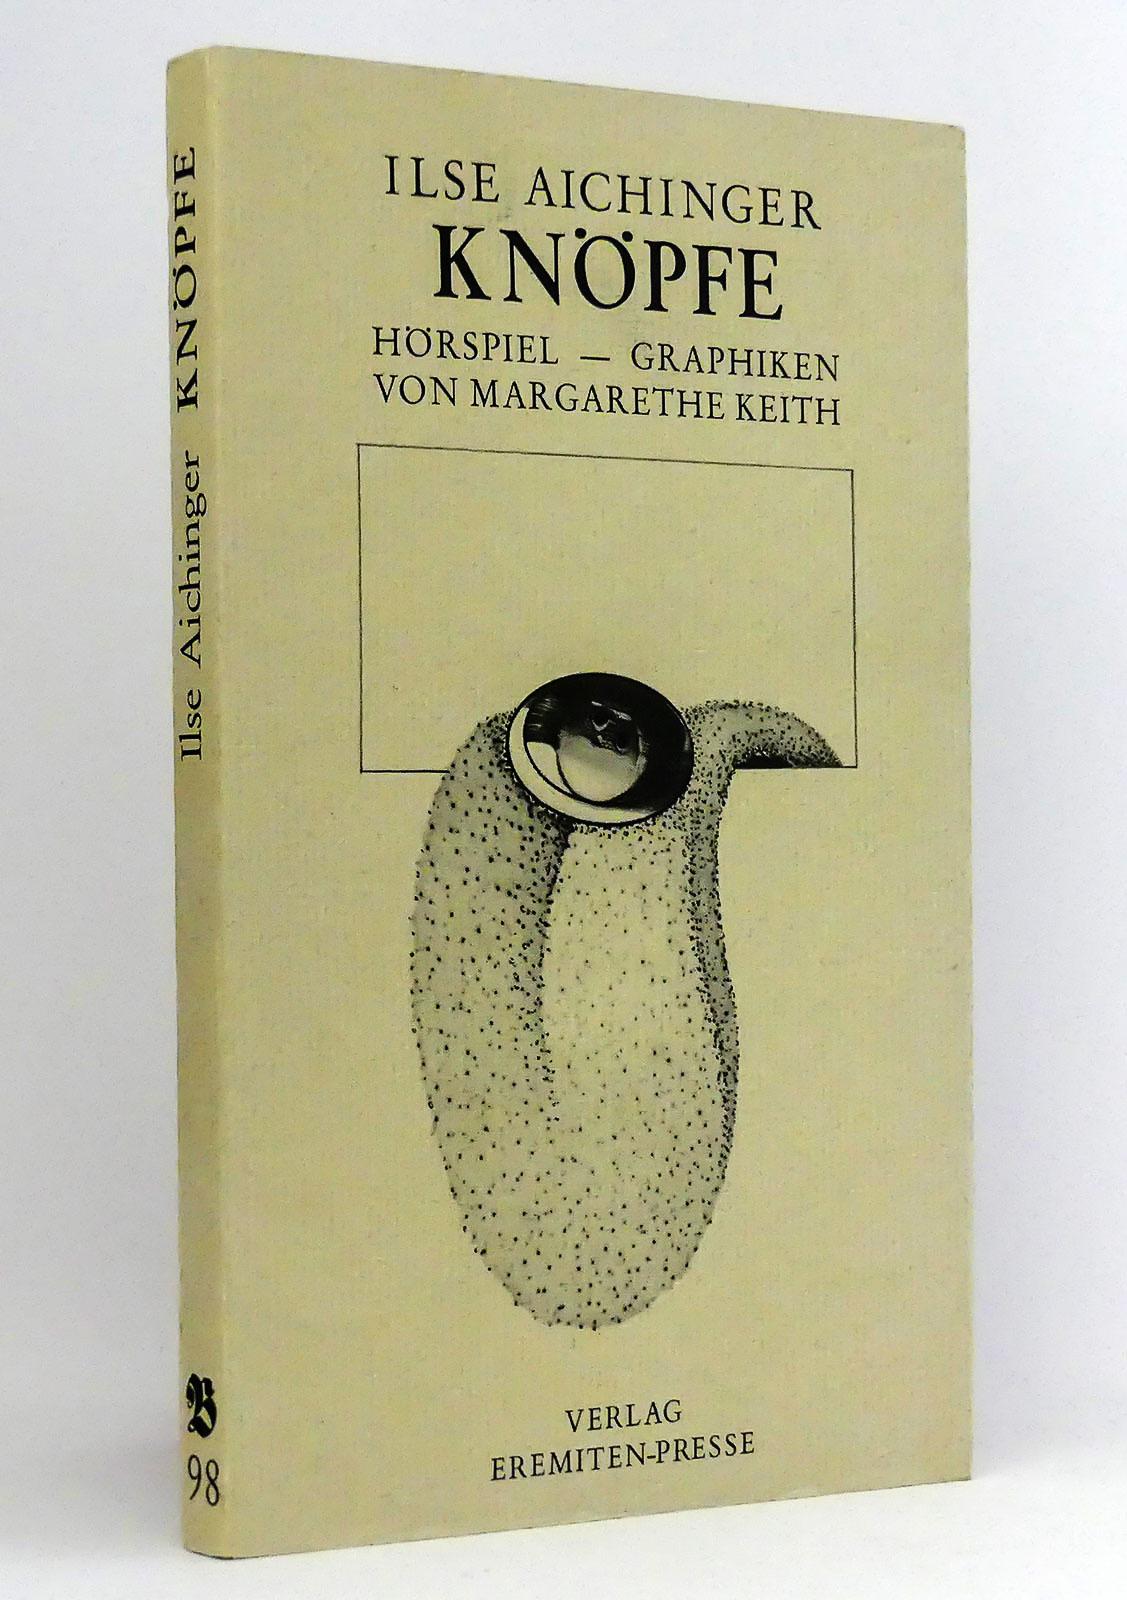 Knöpfe : Hörspiel : Mit Offsetlithographien von Margarethe Keith : (Reihe: Broschur, Band 98) - Aichinger, Ilse Keith, Margarethe [Illustrationen]